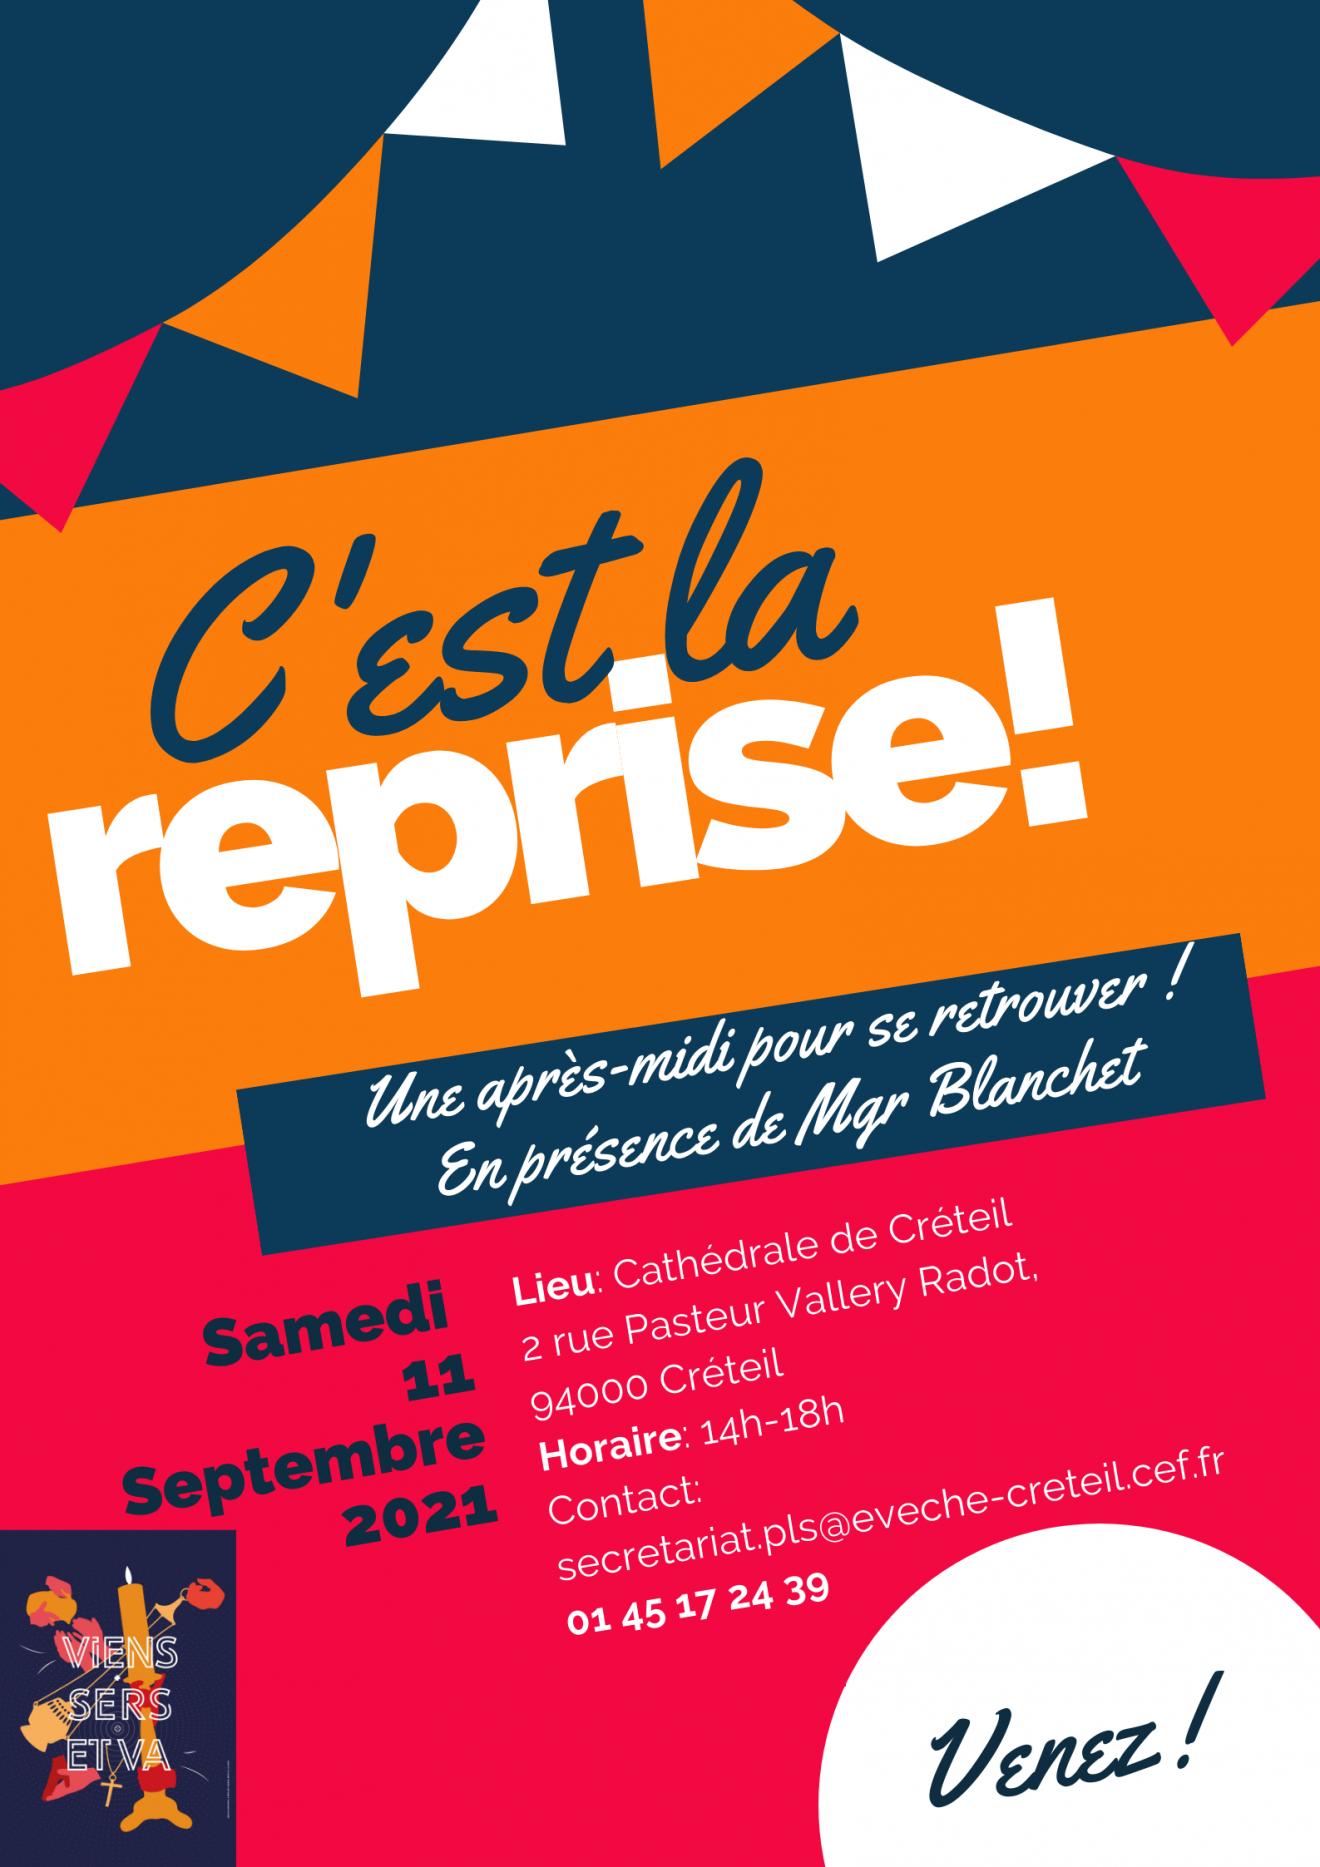 Rassemblement des serants d'autel, samedi 11 septembre 2021 de 14h à 18h